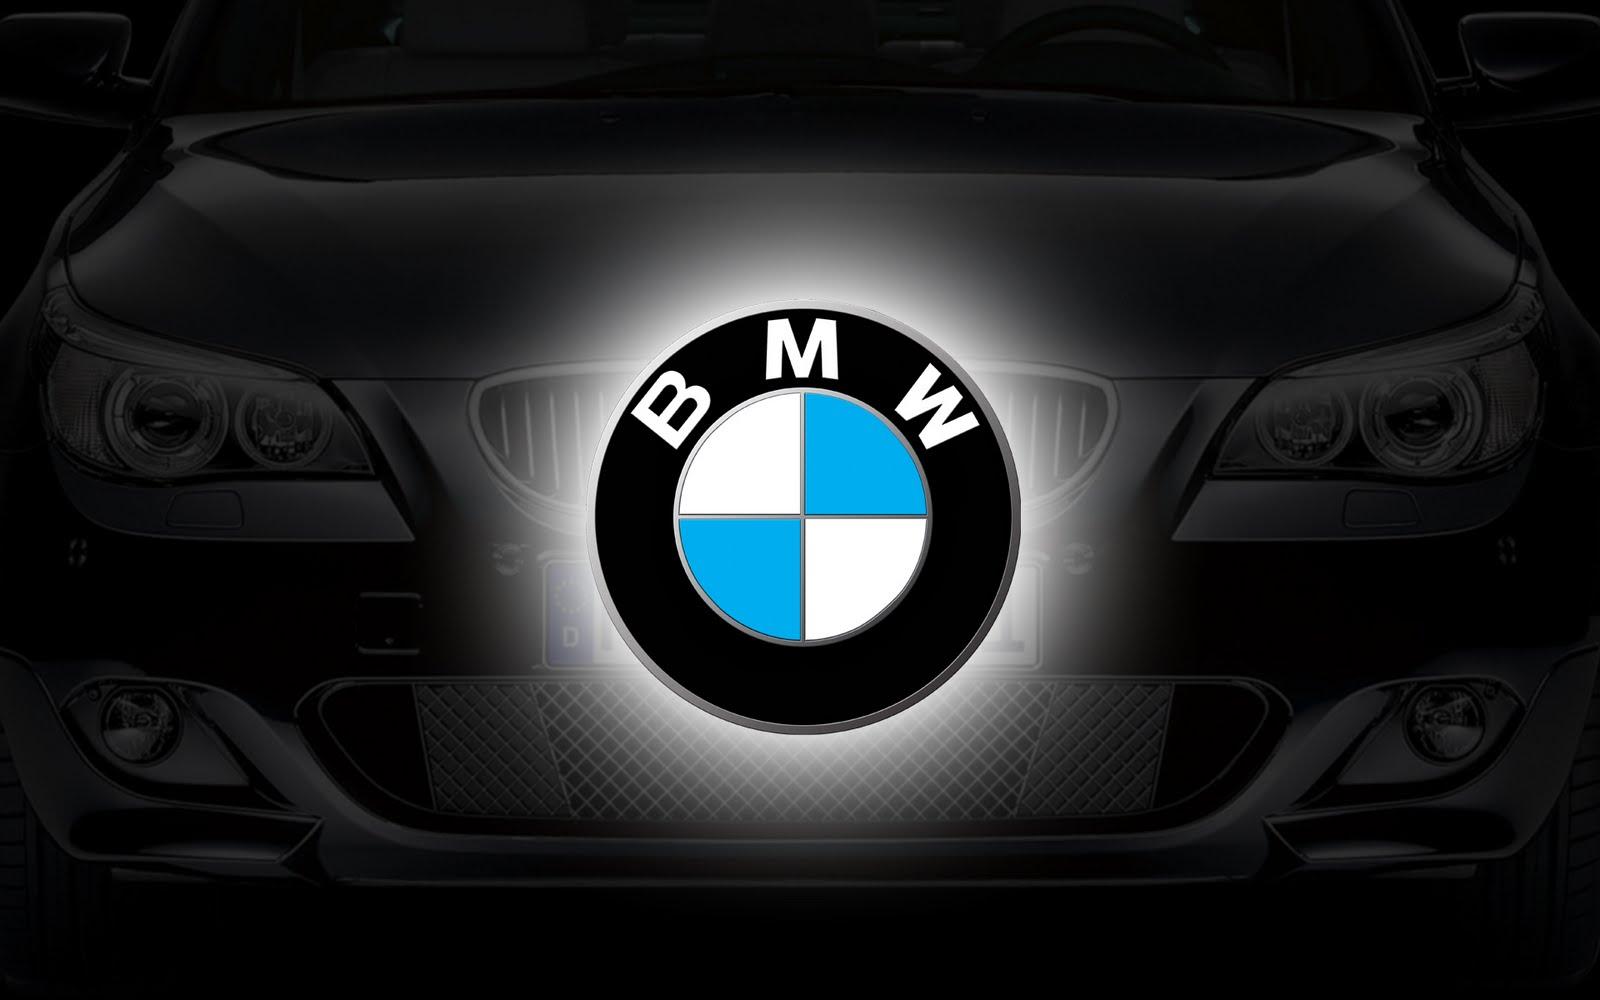 Hot cars bmw logo bmw 2011 logo bmw logo png jpg - Car logo wallpapers ...